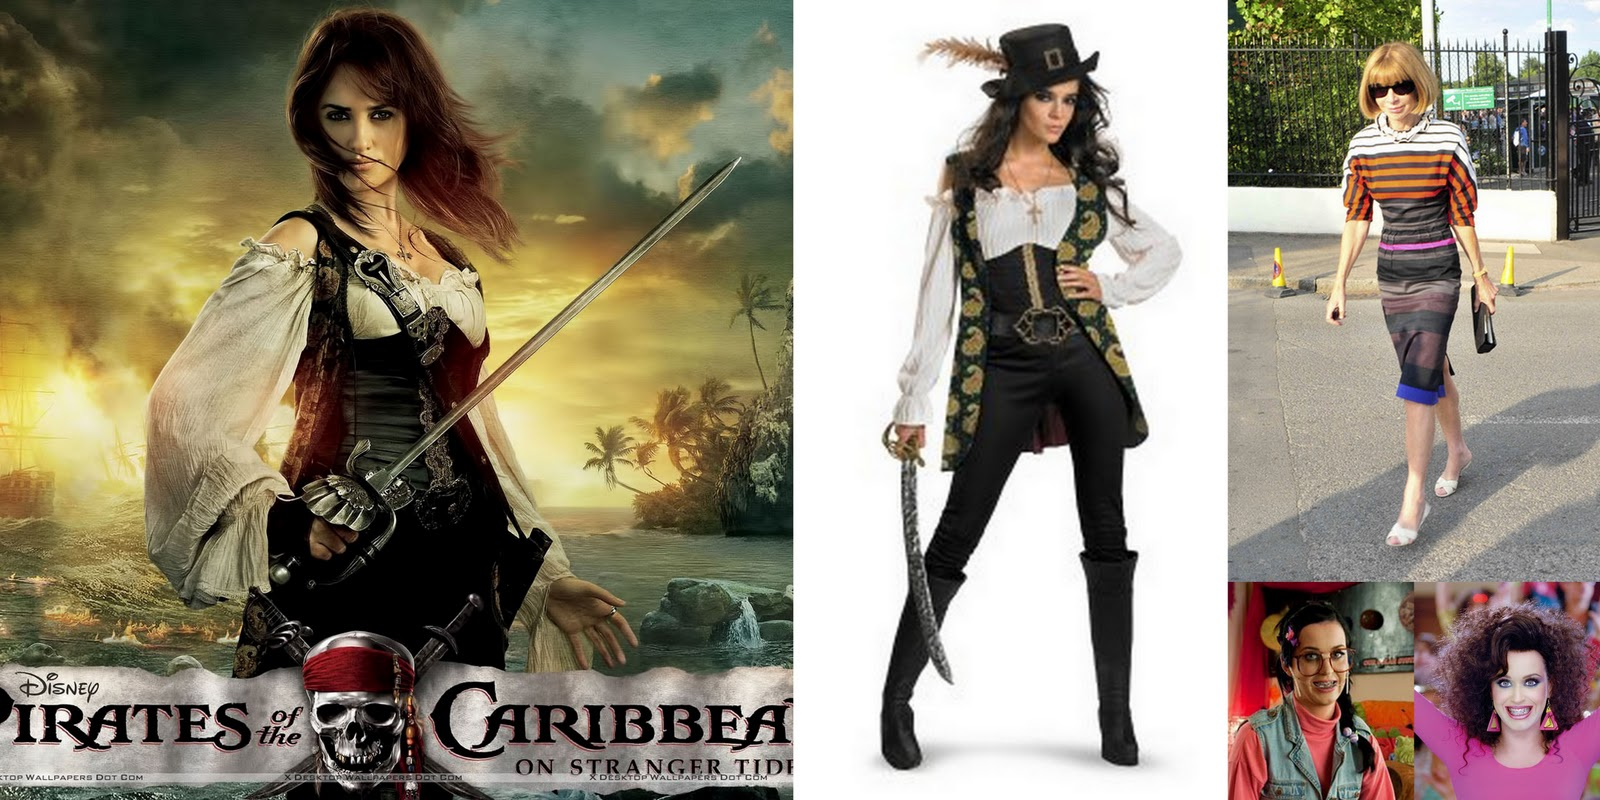 http://3.bp.blogspot.com/-tzO8j0zeGQ8/Tq3Uqvi3DdI/AAAAAAAABt8/BiAz3RbqkXY/s1600/pirates+.jpg